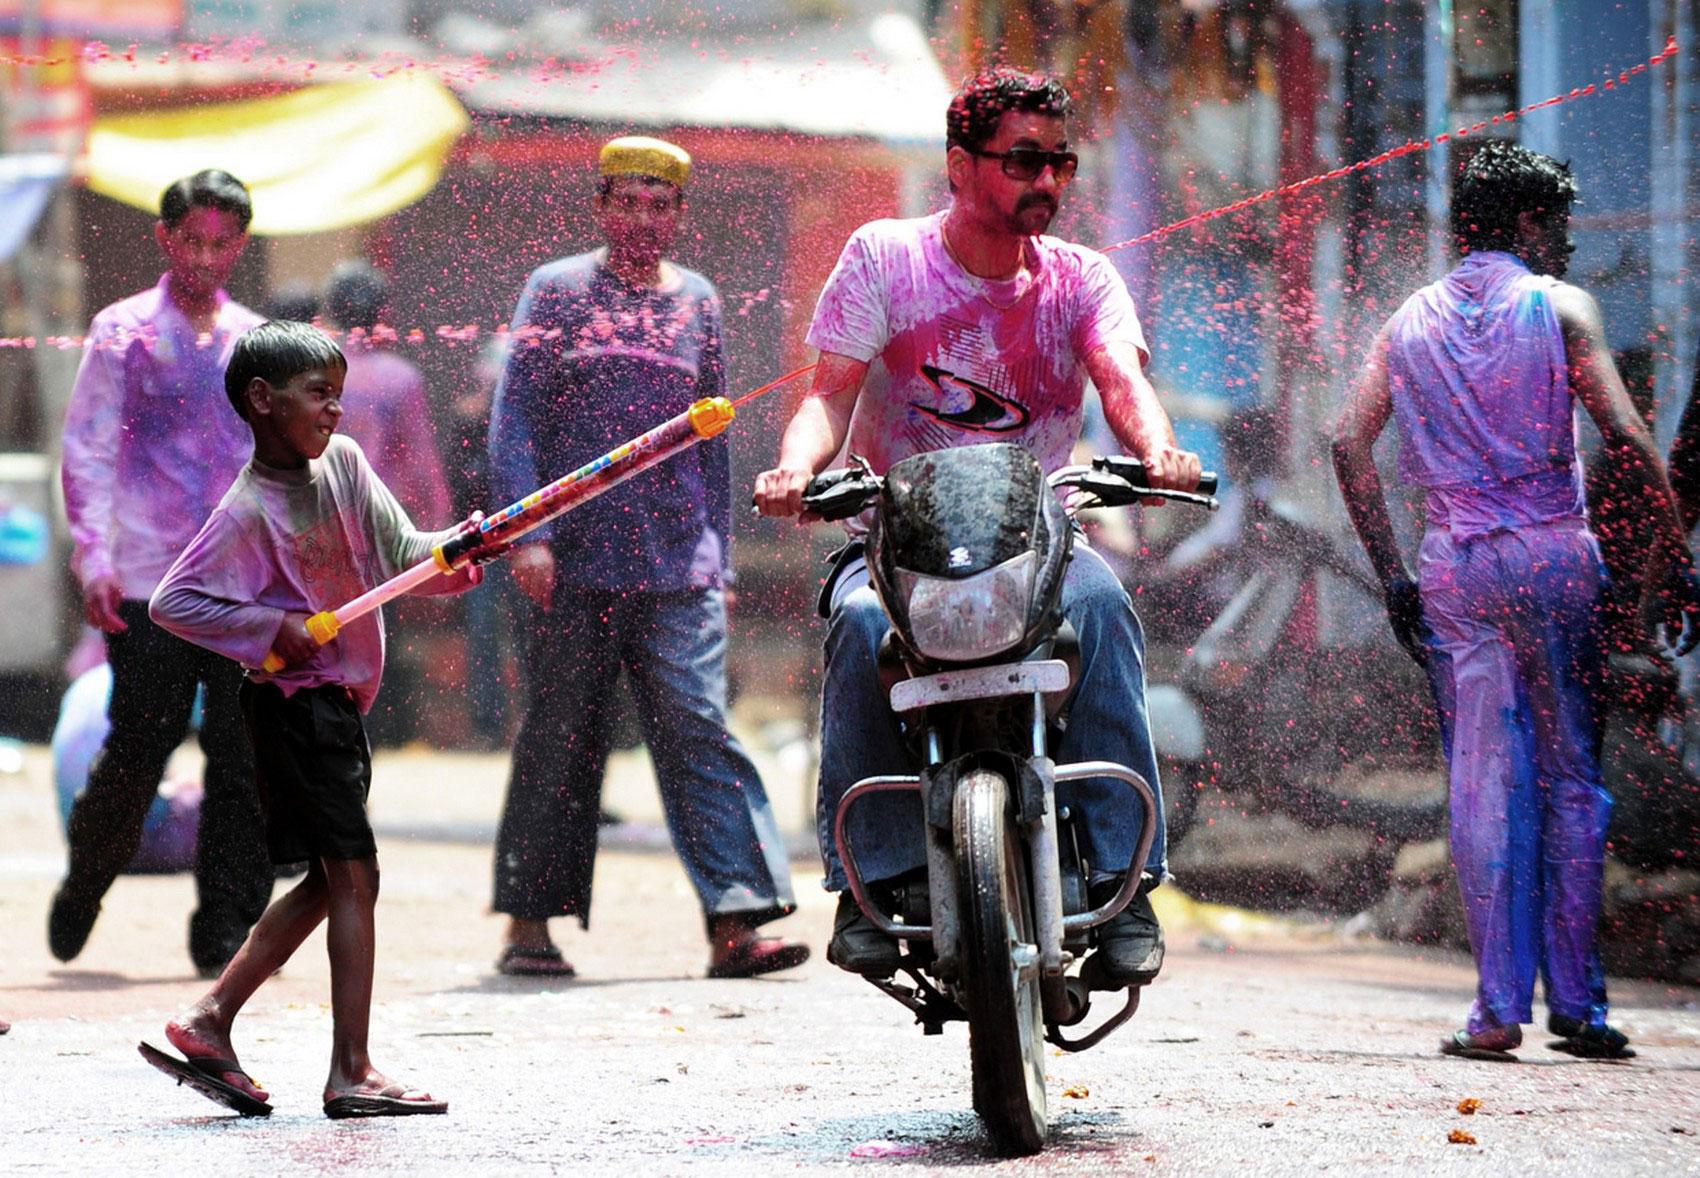 Мальчик поливает мотоциклиста красками